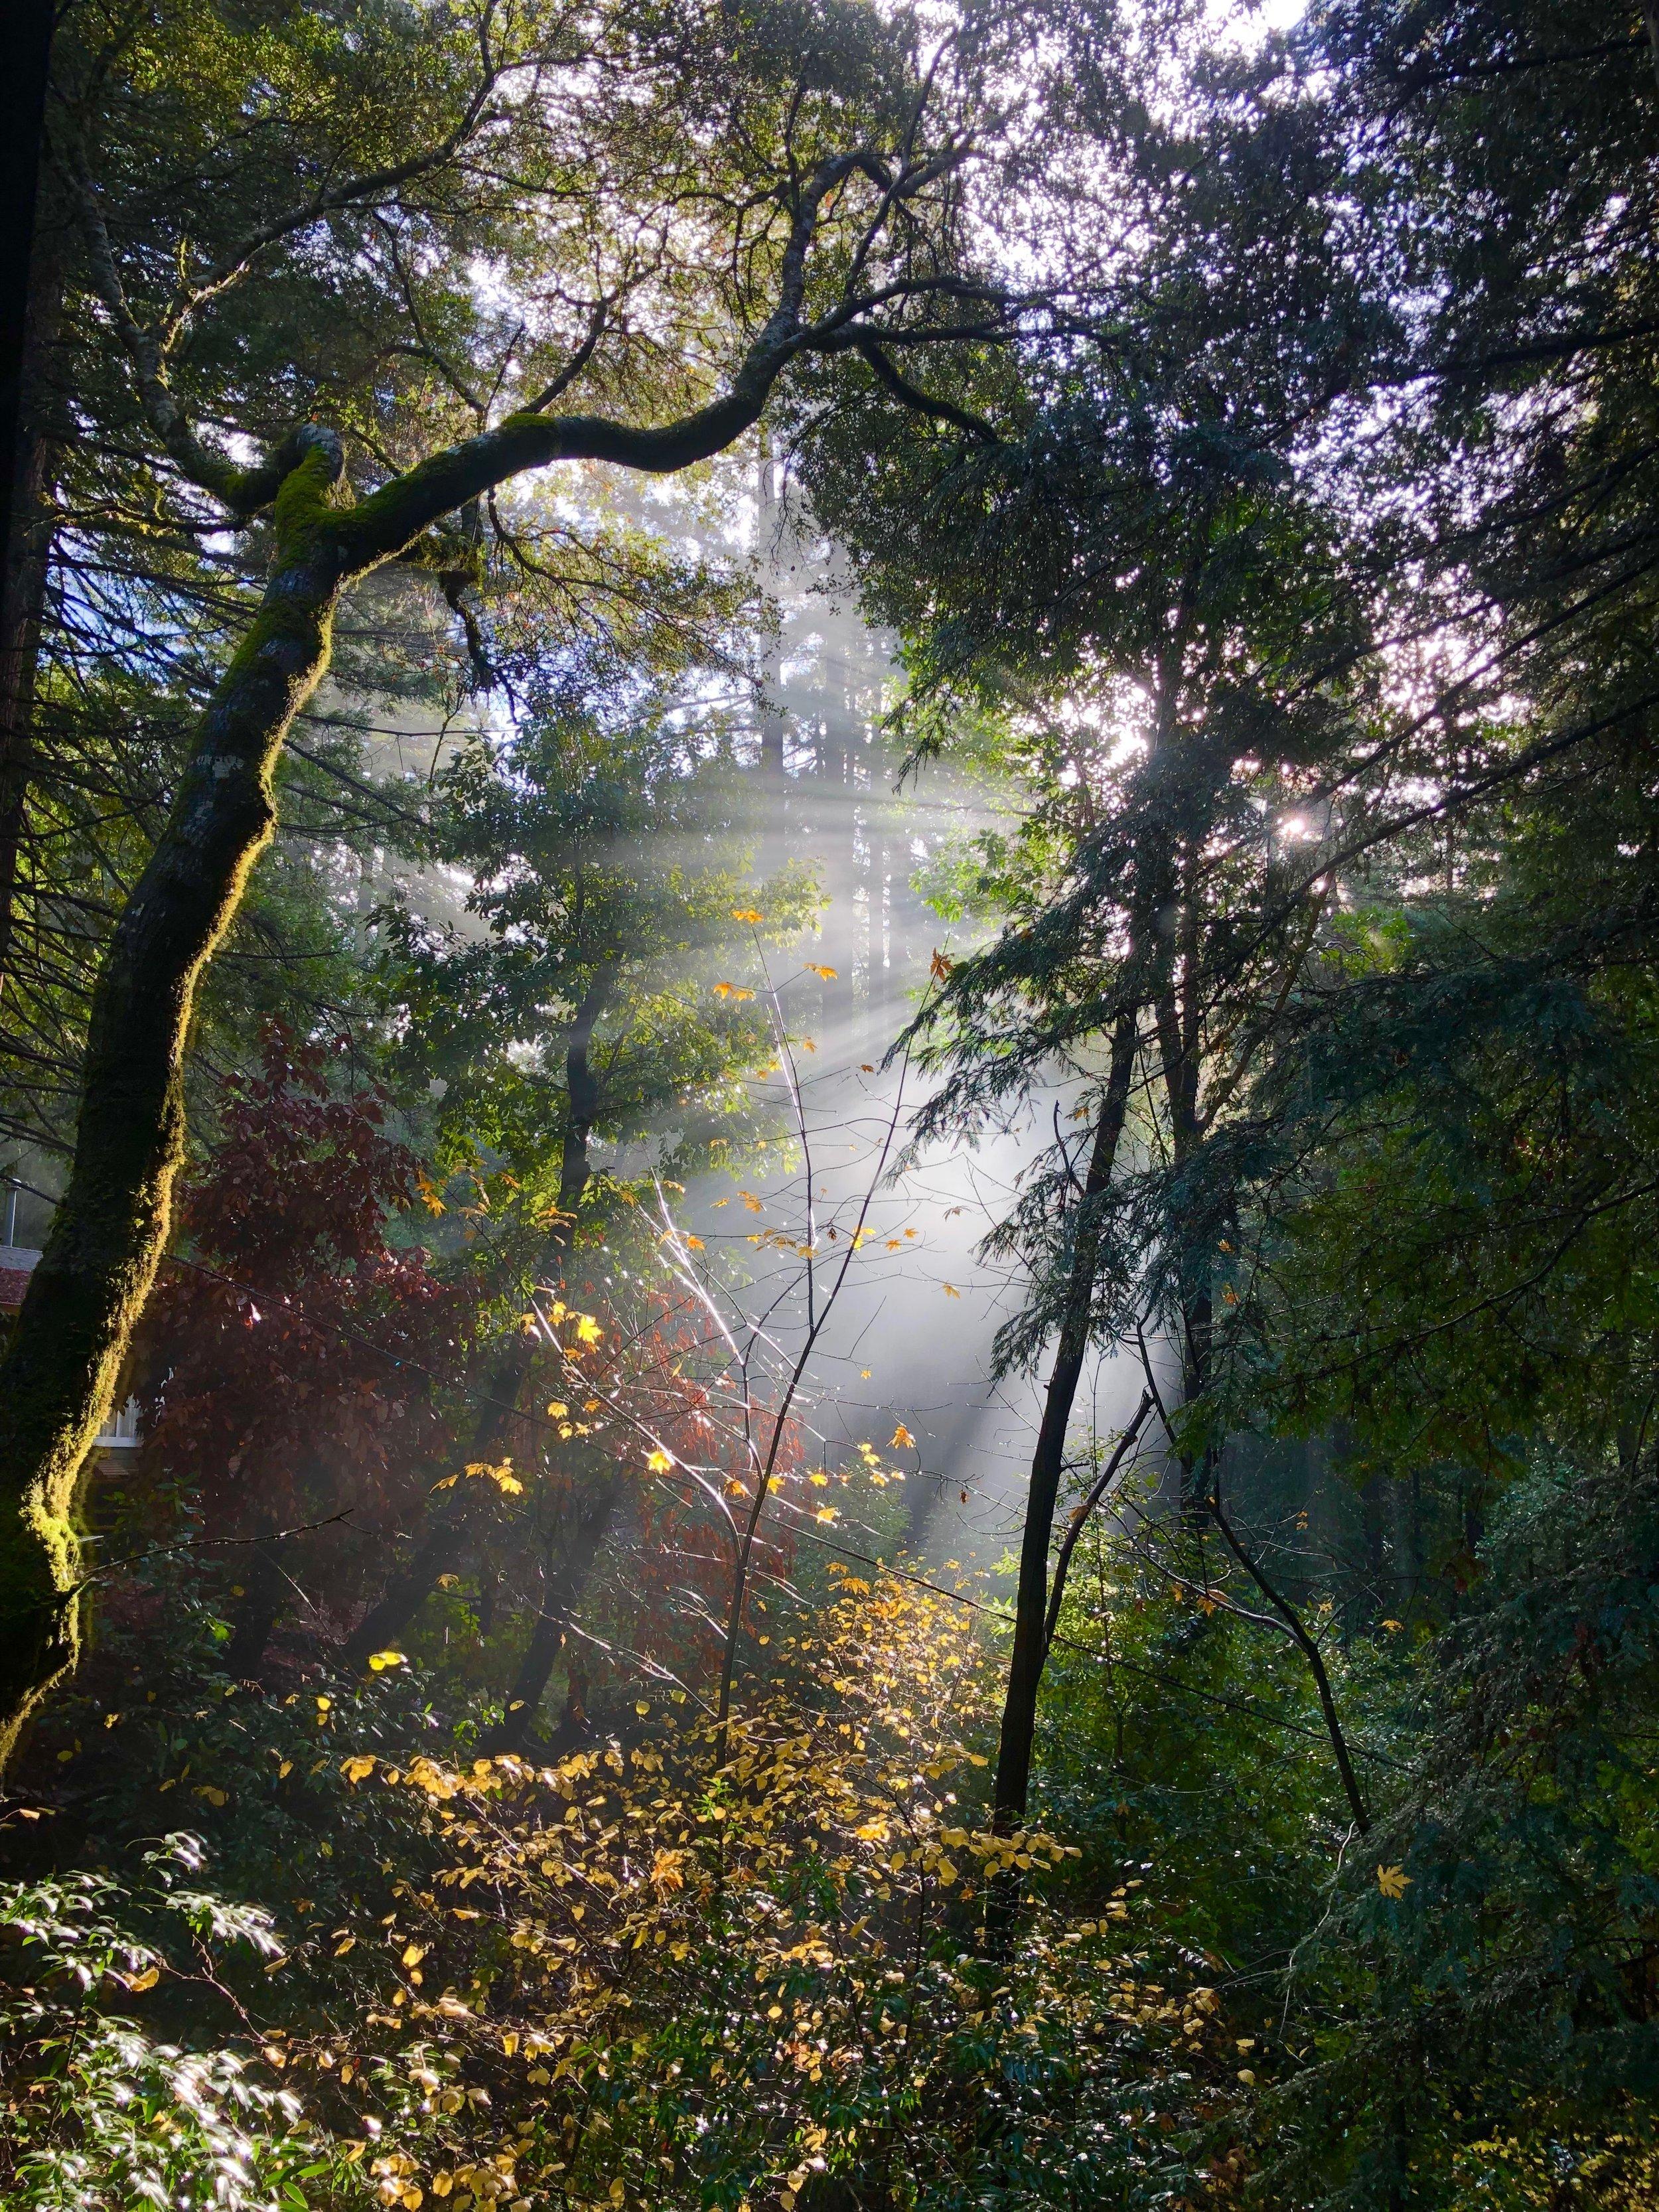 """photo credit: """"Morning Has Broken"""" by Rev. Alex da Silva Souto, California, USA."""